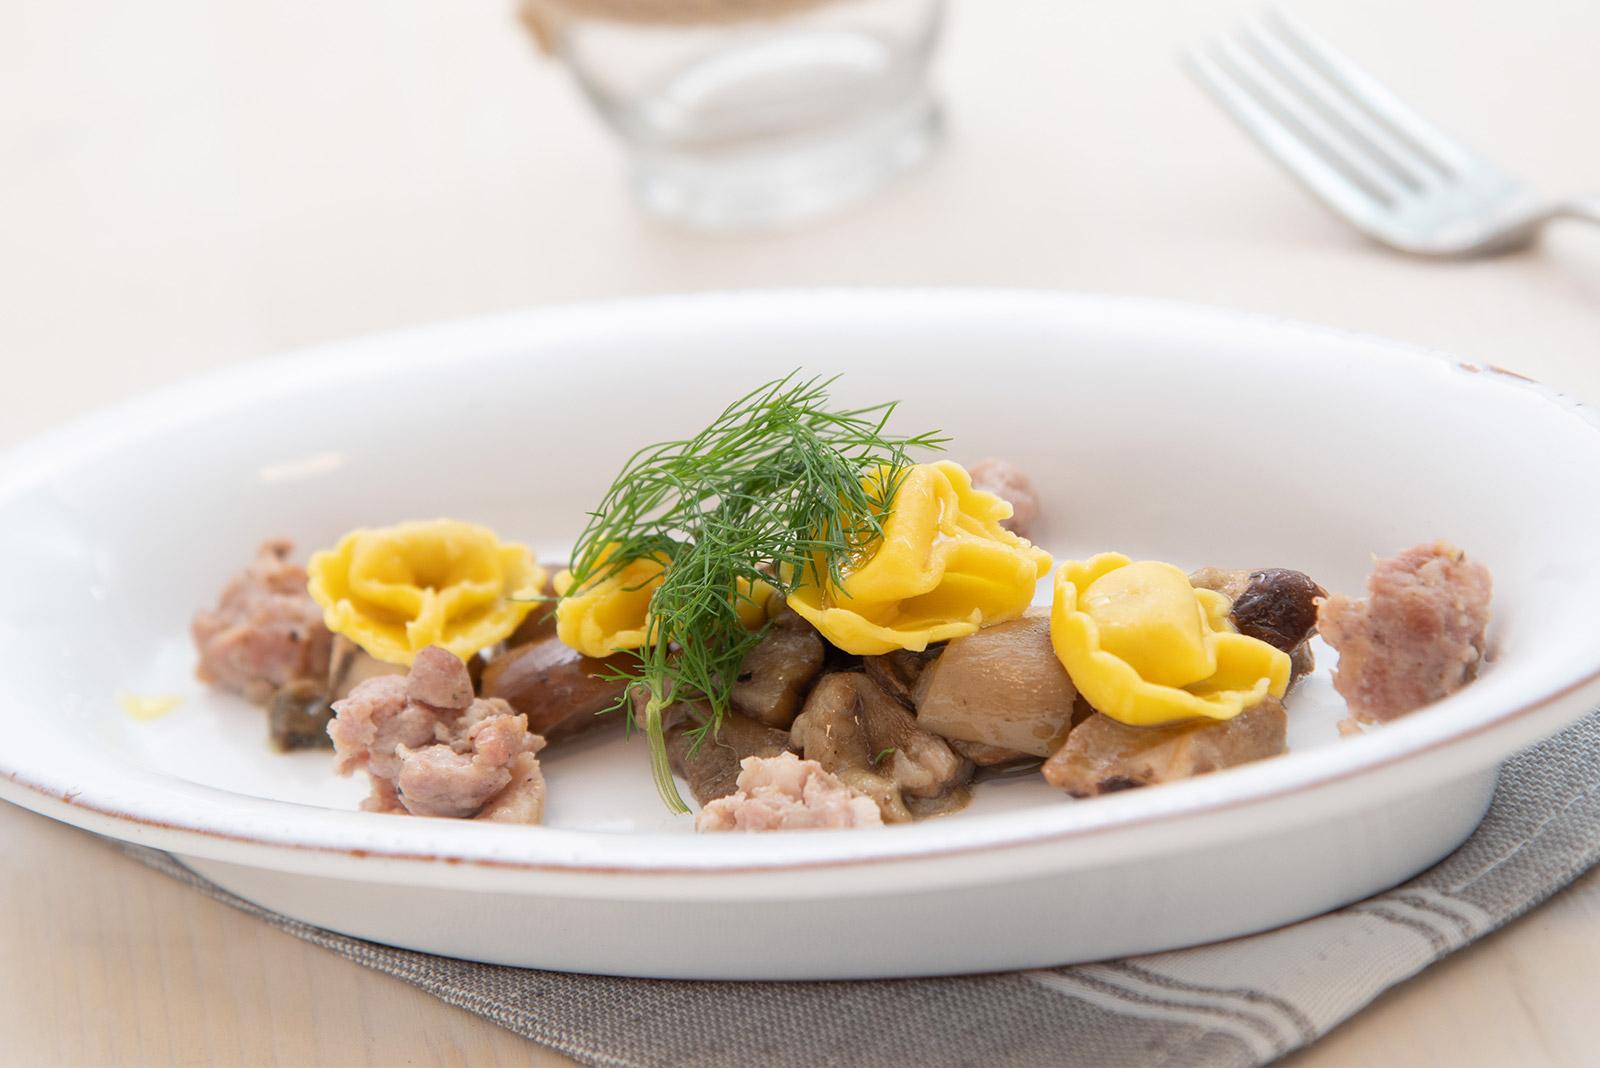 Ricetta Cappelletti al crudo con funghi porcini e salsiccia scottata - Pasta di Venezia